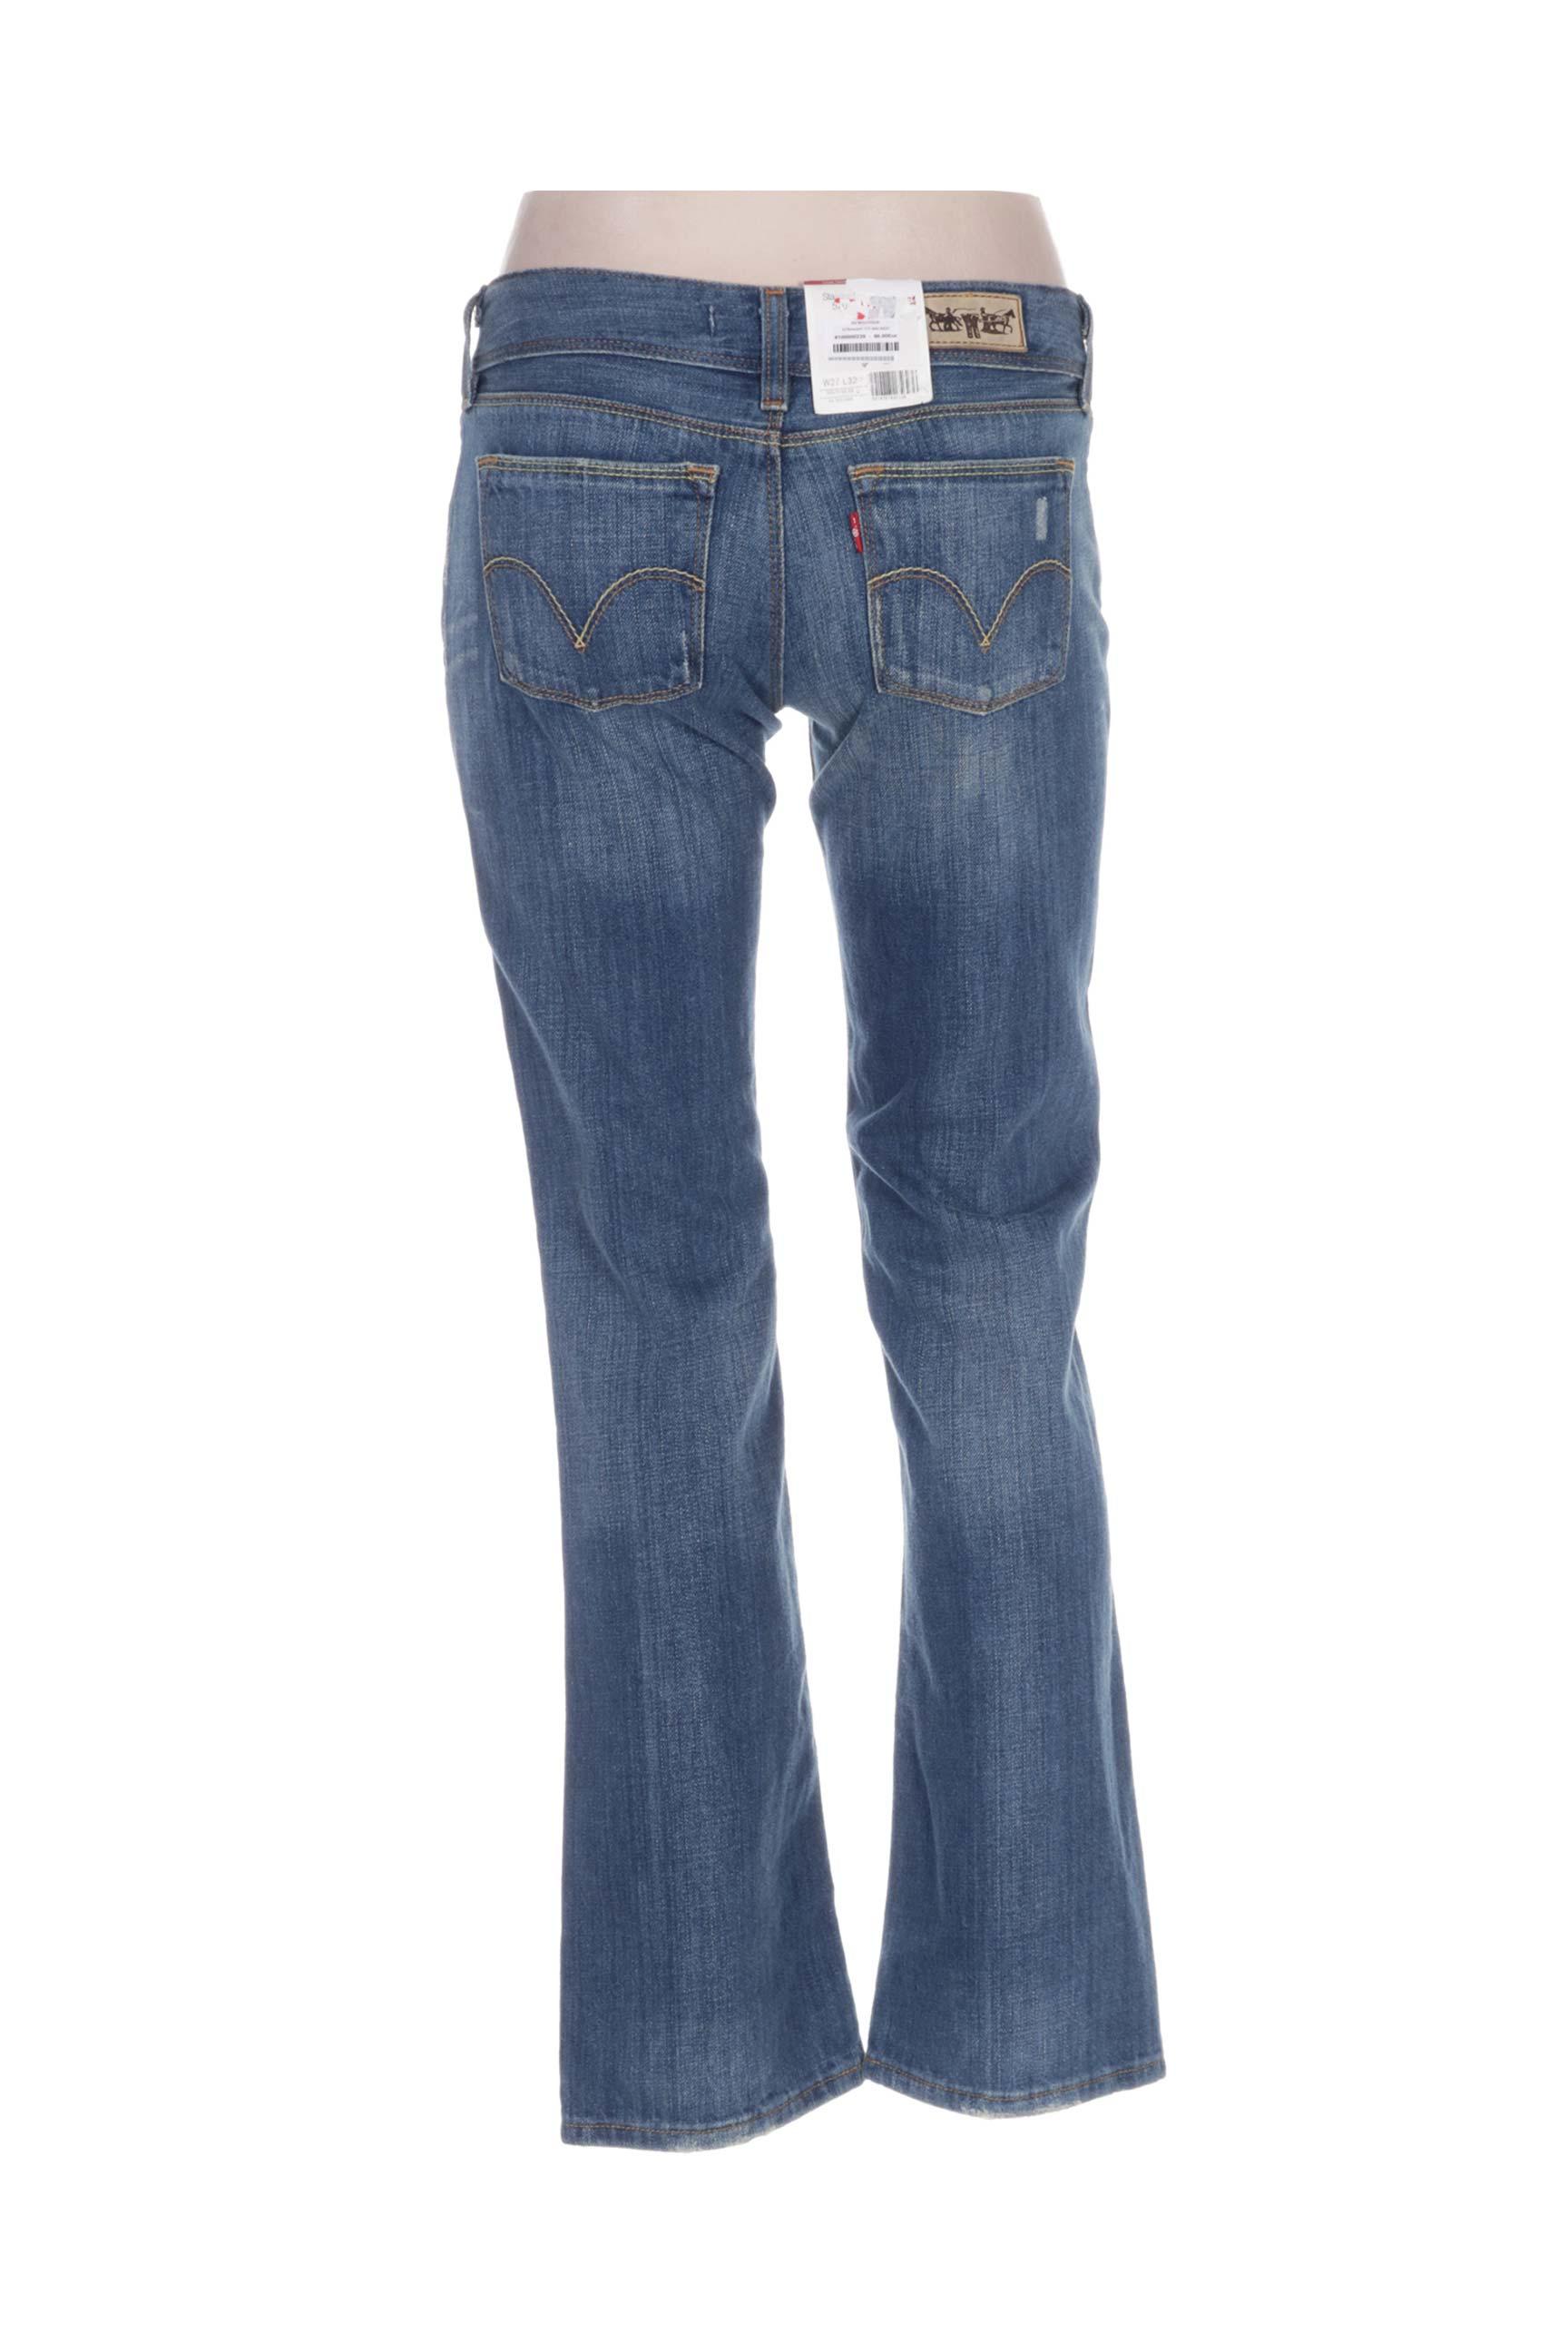 Levis Jeans Coupe Droite Femme De Couleur Bleu En Soldes Pas Cher 1195050-bleu00 - Modz